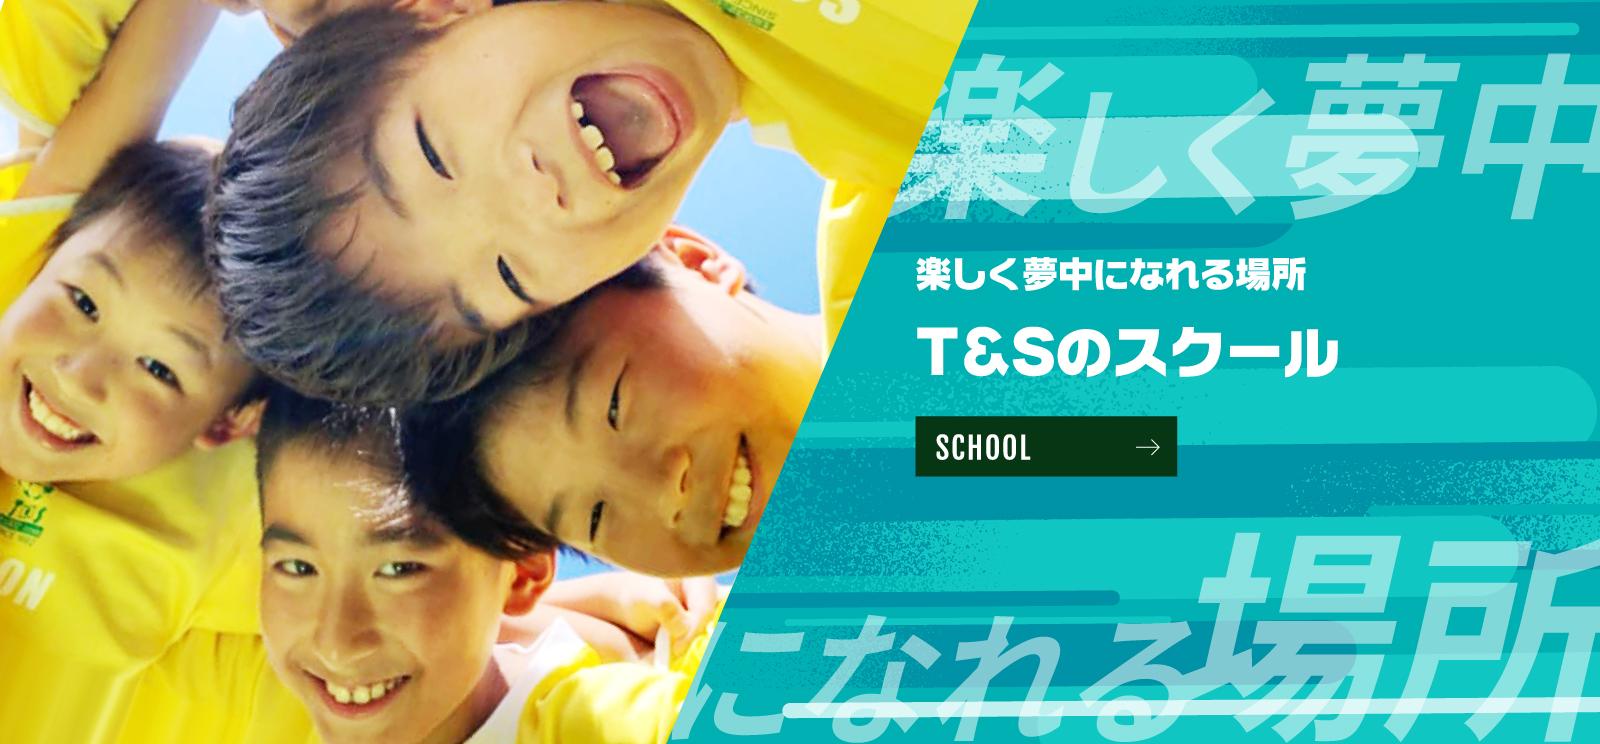 楽しく夢中になれる場所 T&Sのスクール